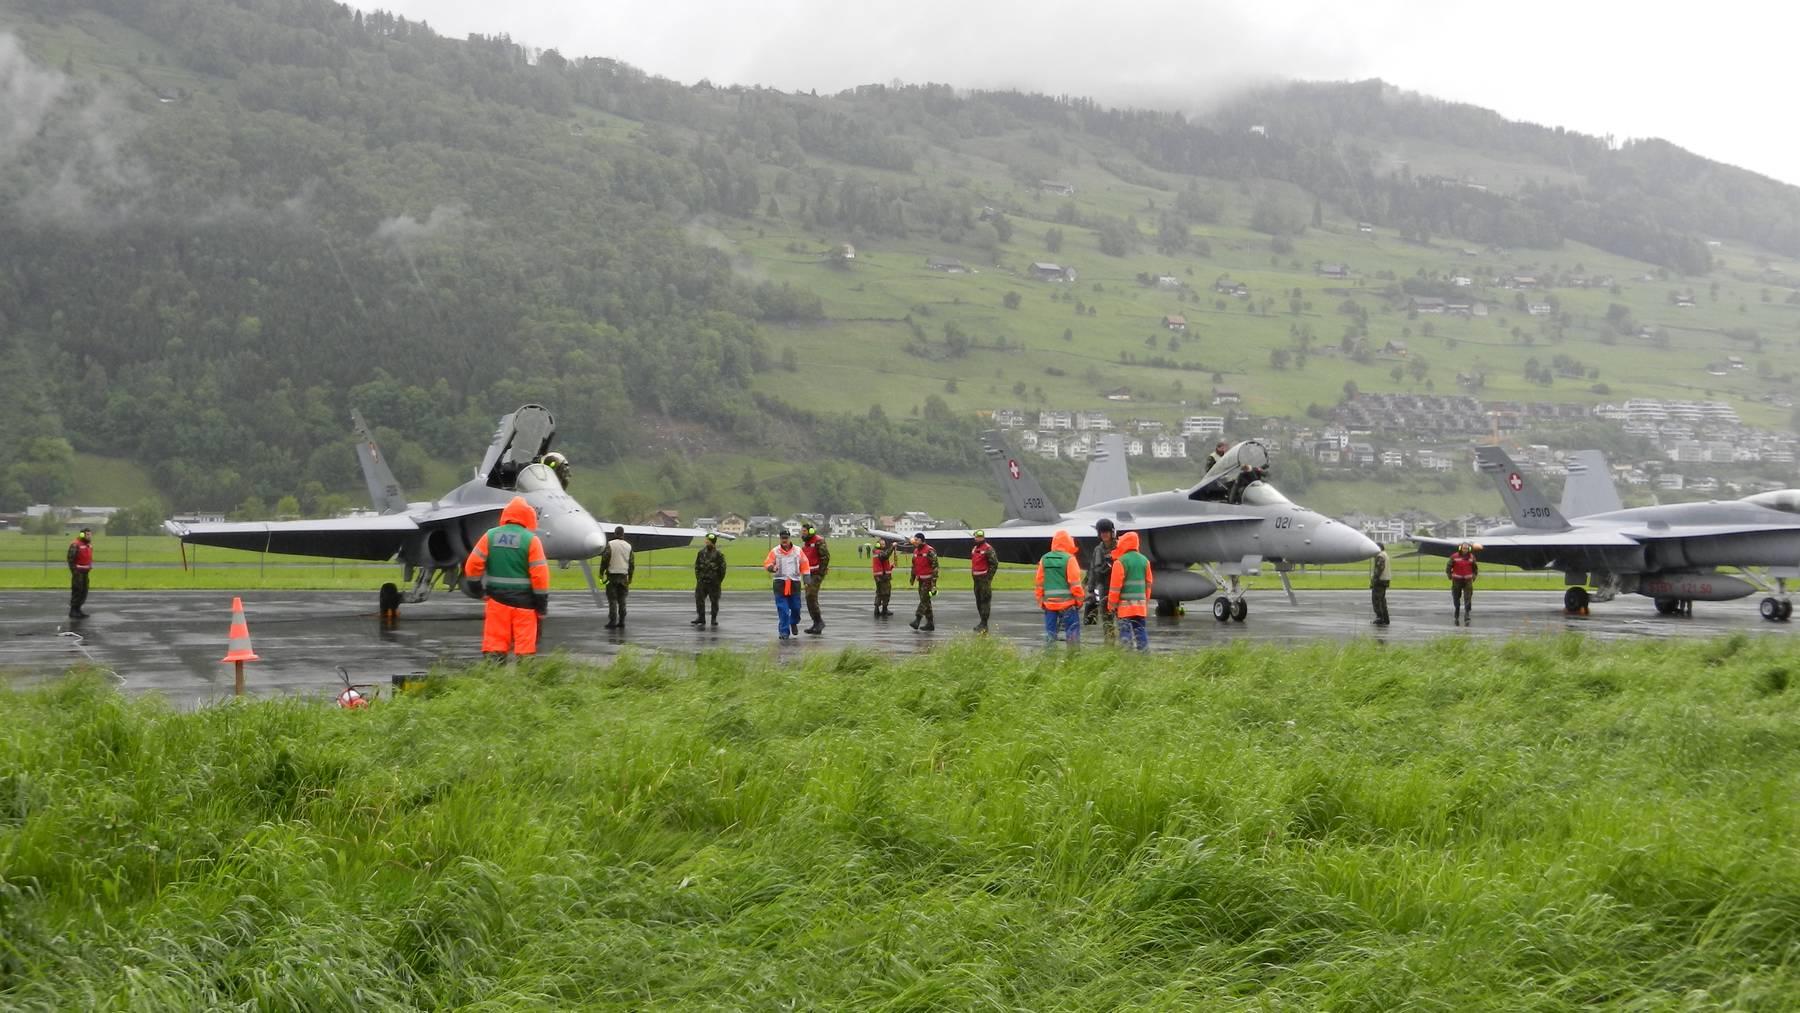 Parlament stellt sich hinter Flugplatz Buochs